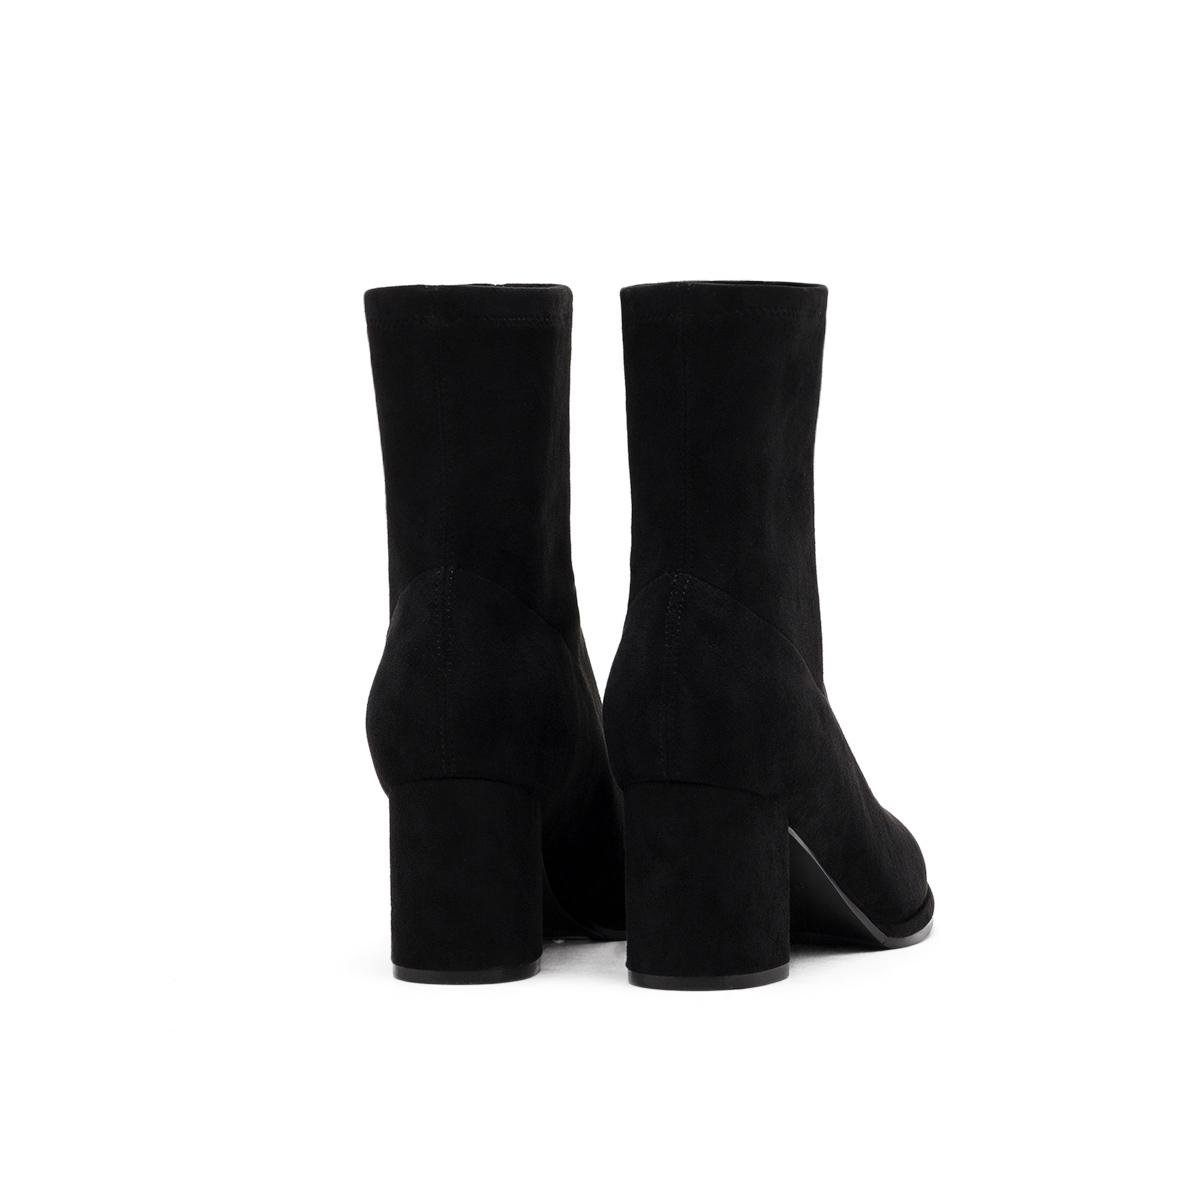 秋冬新款粗跟短靴女女单靴高跟弹力靴潮 2019 星期六瘦瘦靴 Sat & St